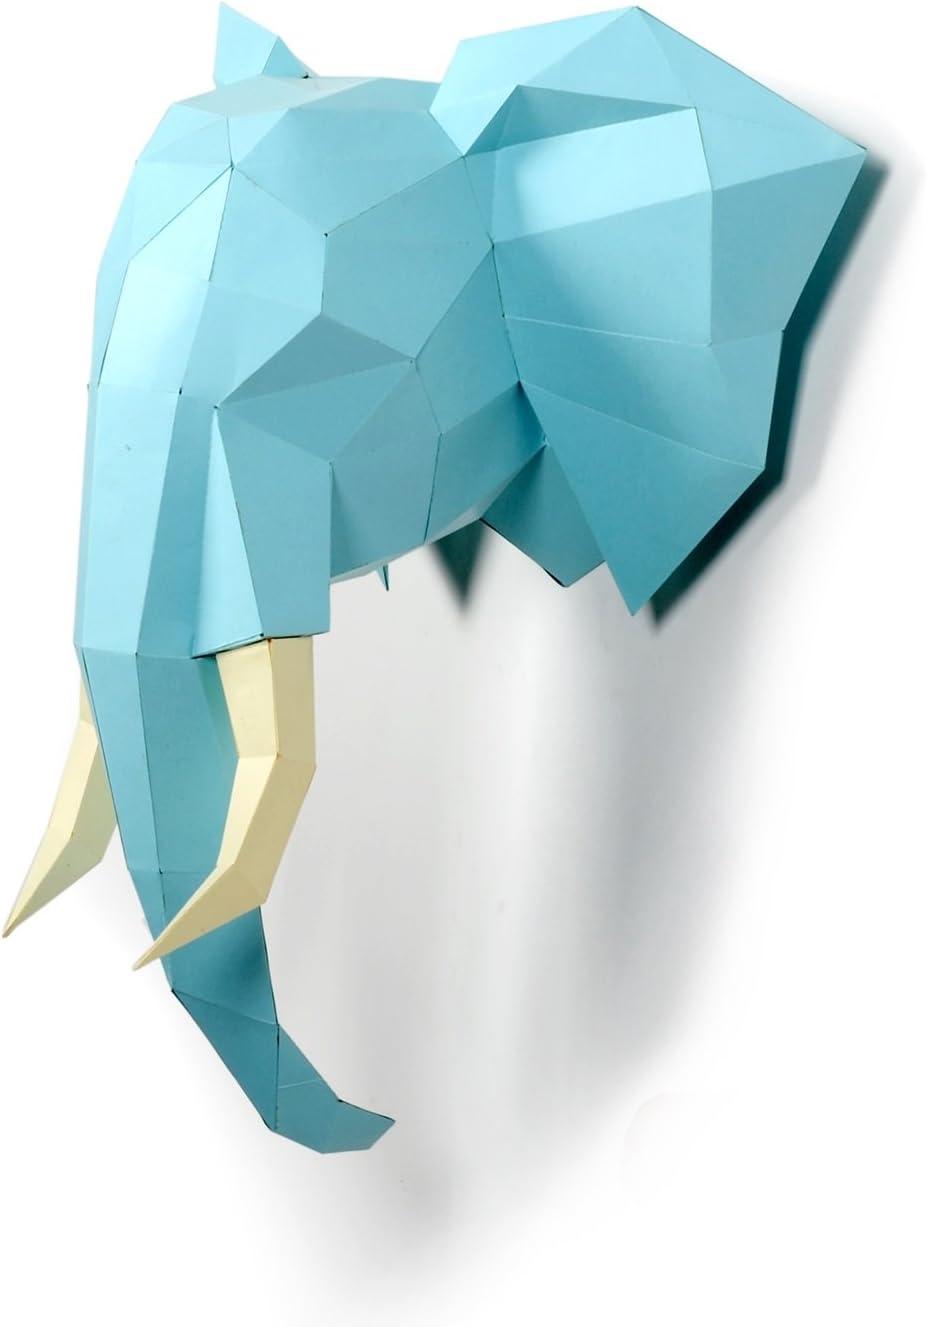 WXMYOZR Papier Troph/ée Origami Animaux Bricolage Origami Mur 3D Animal D/écoration Murale D/écoration Bricolage Papercraft Reindeer Origami Animaux Carton D/écorations Art Piece,A